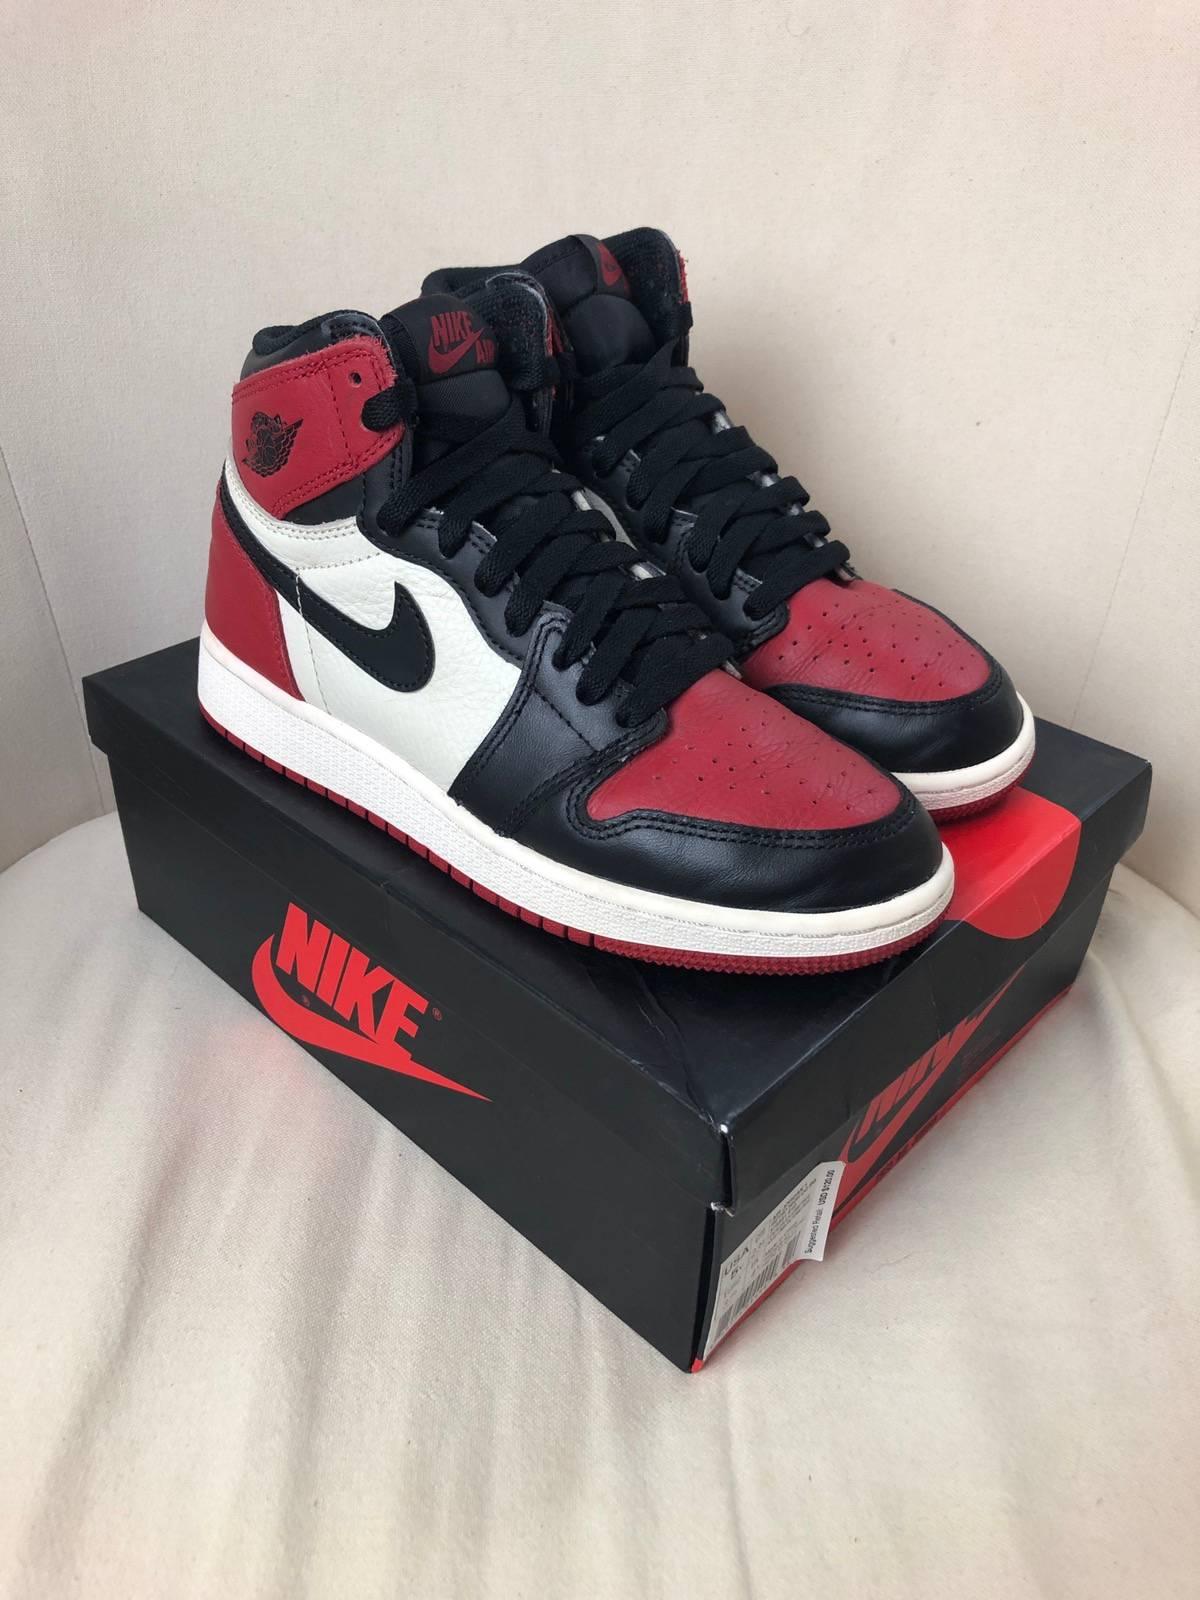 Jordan Brand Nike Air Jordan 1 1s Retro High OG BG Bred Toe Toes